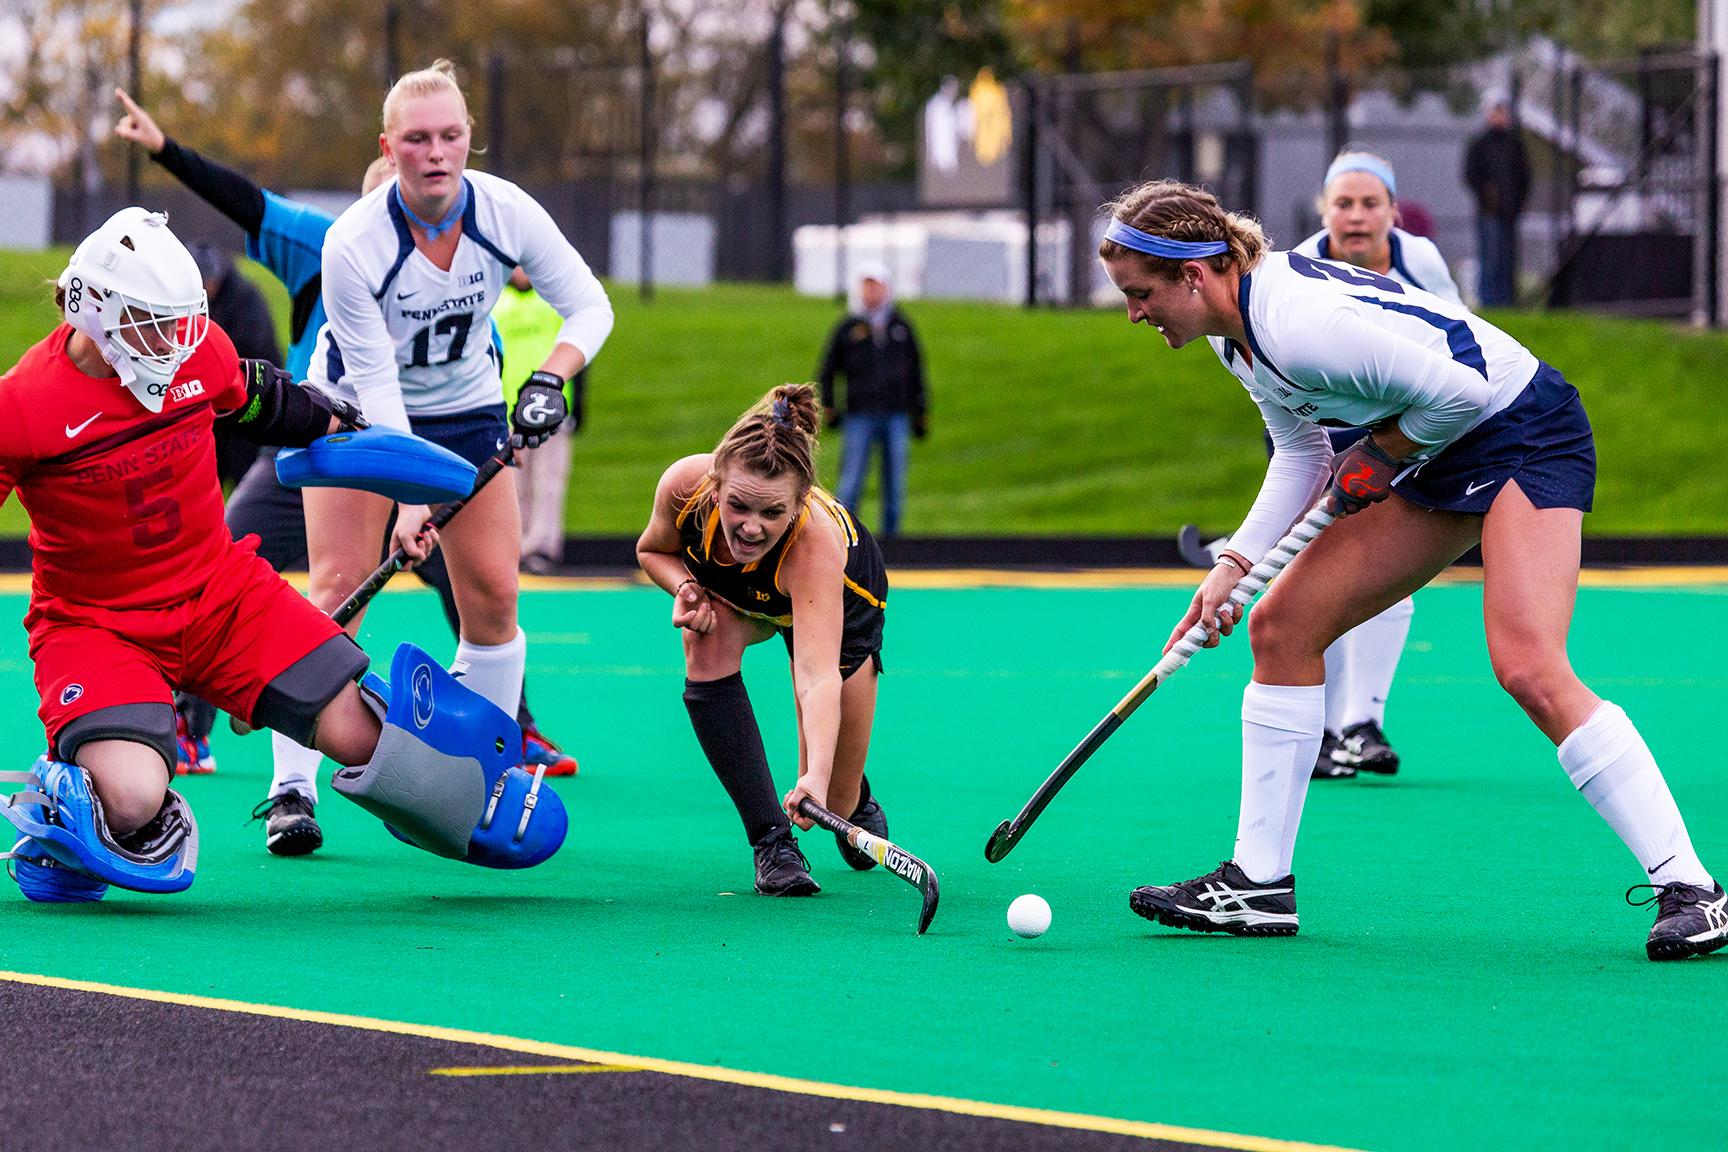 101218_Field Hockey v Penn State_DH144.jpg